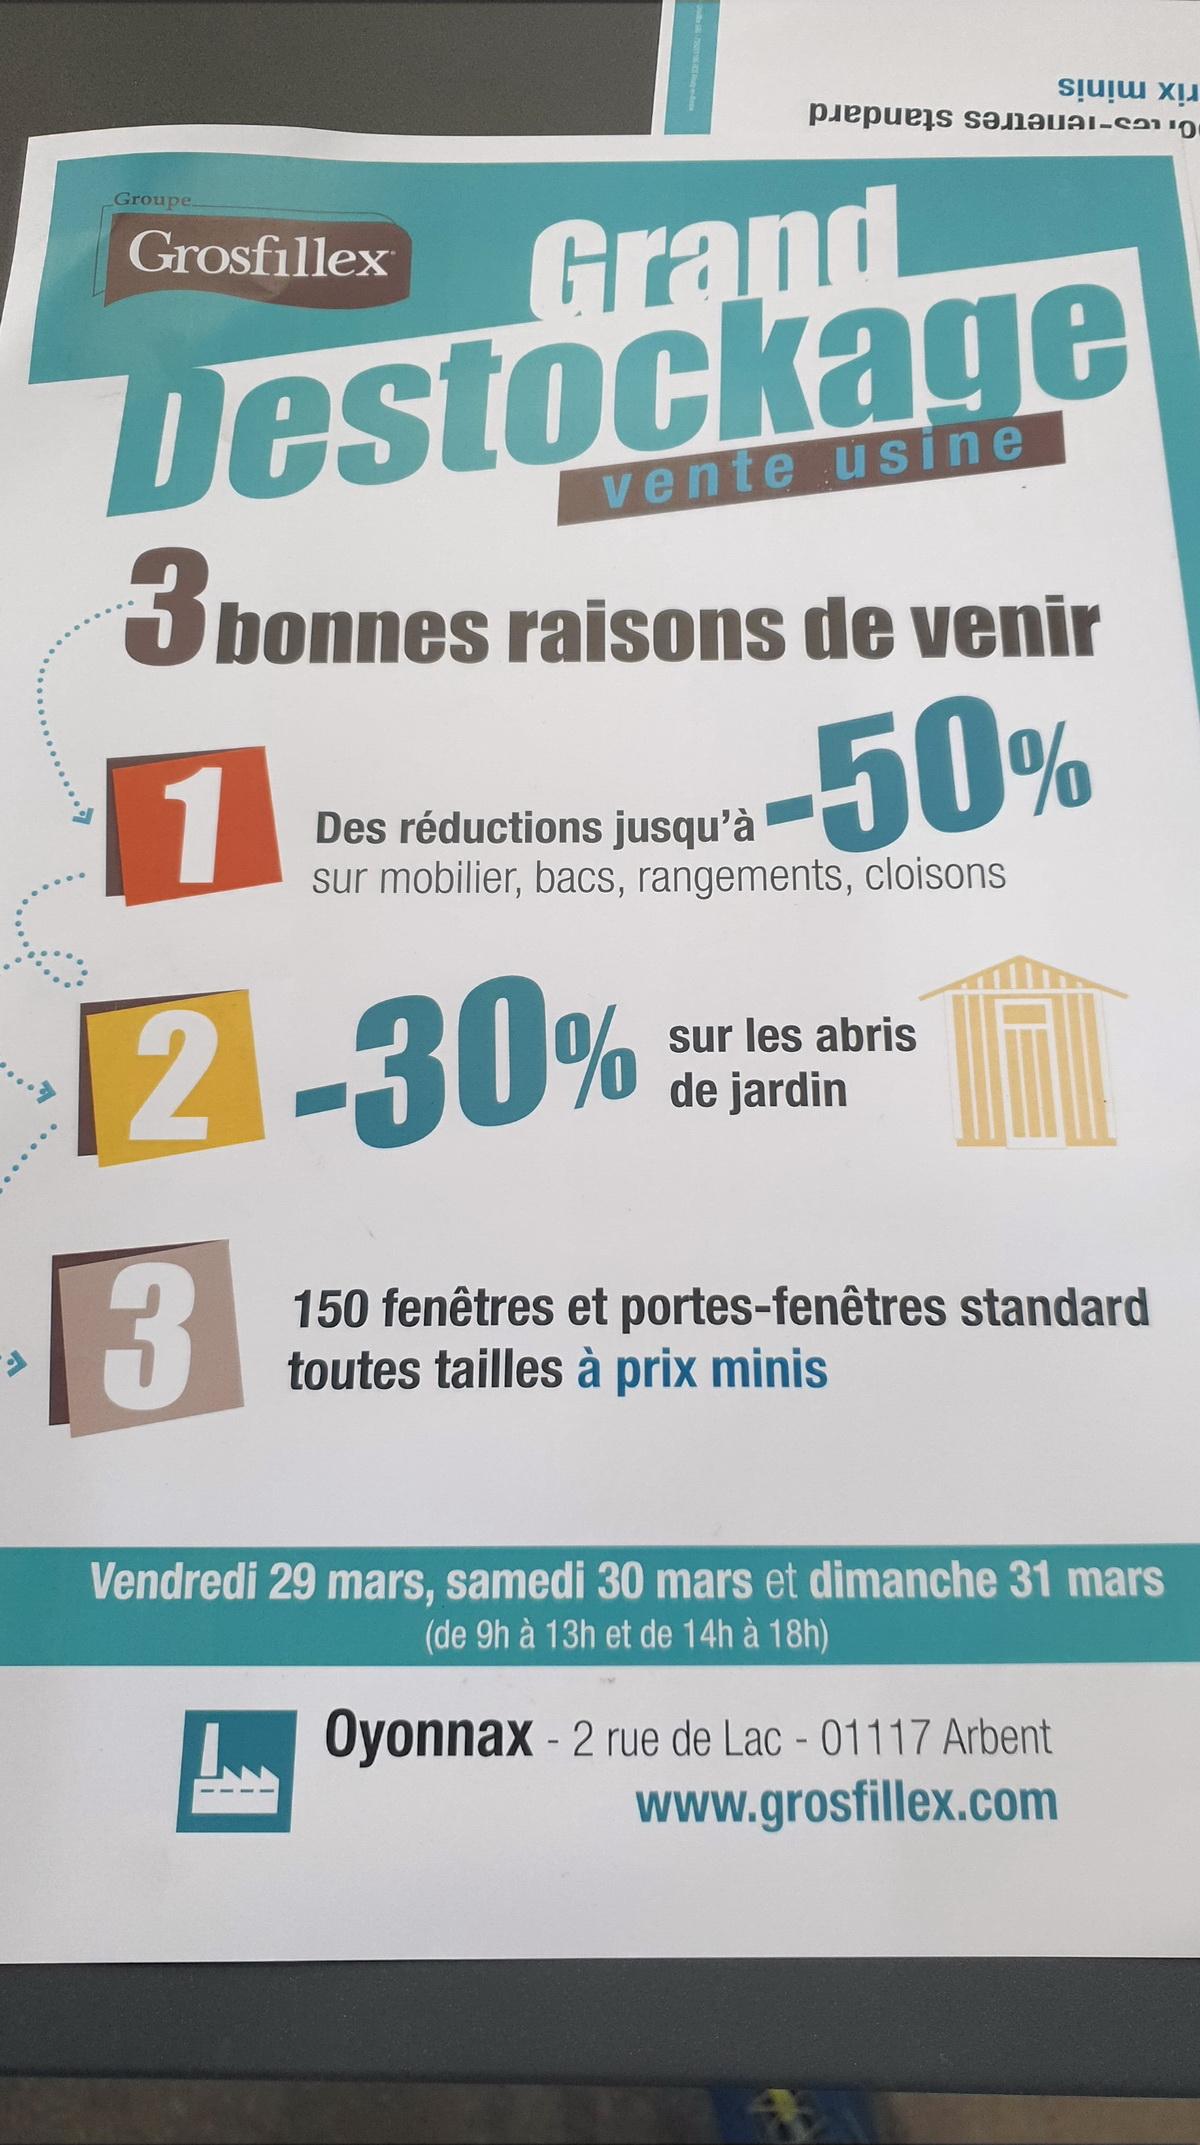 Déstockage : Jusqu'à 50% de réduction dans le magasin - Arbent (01)